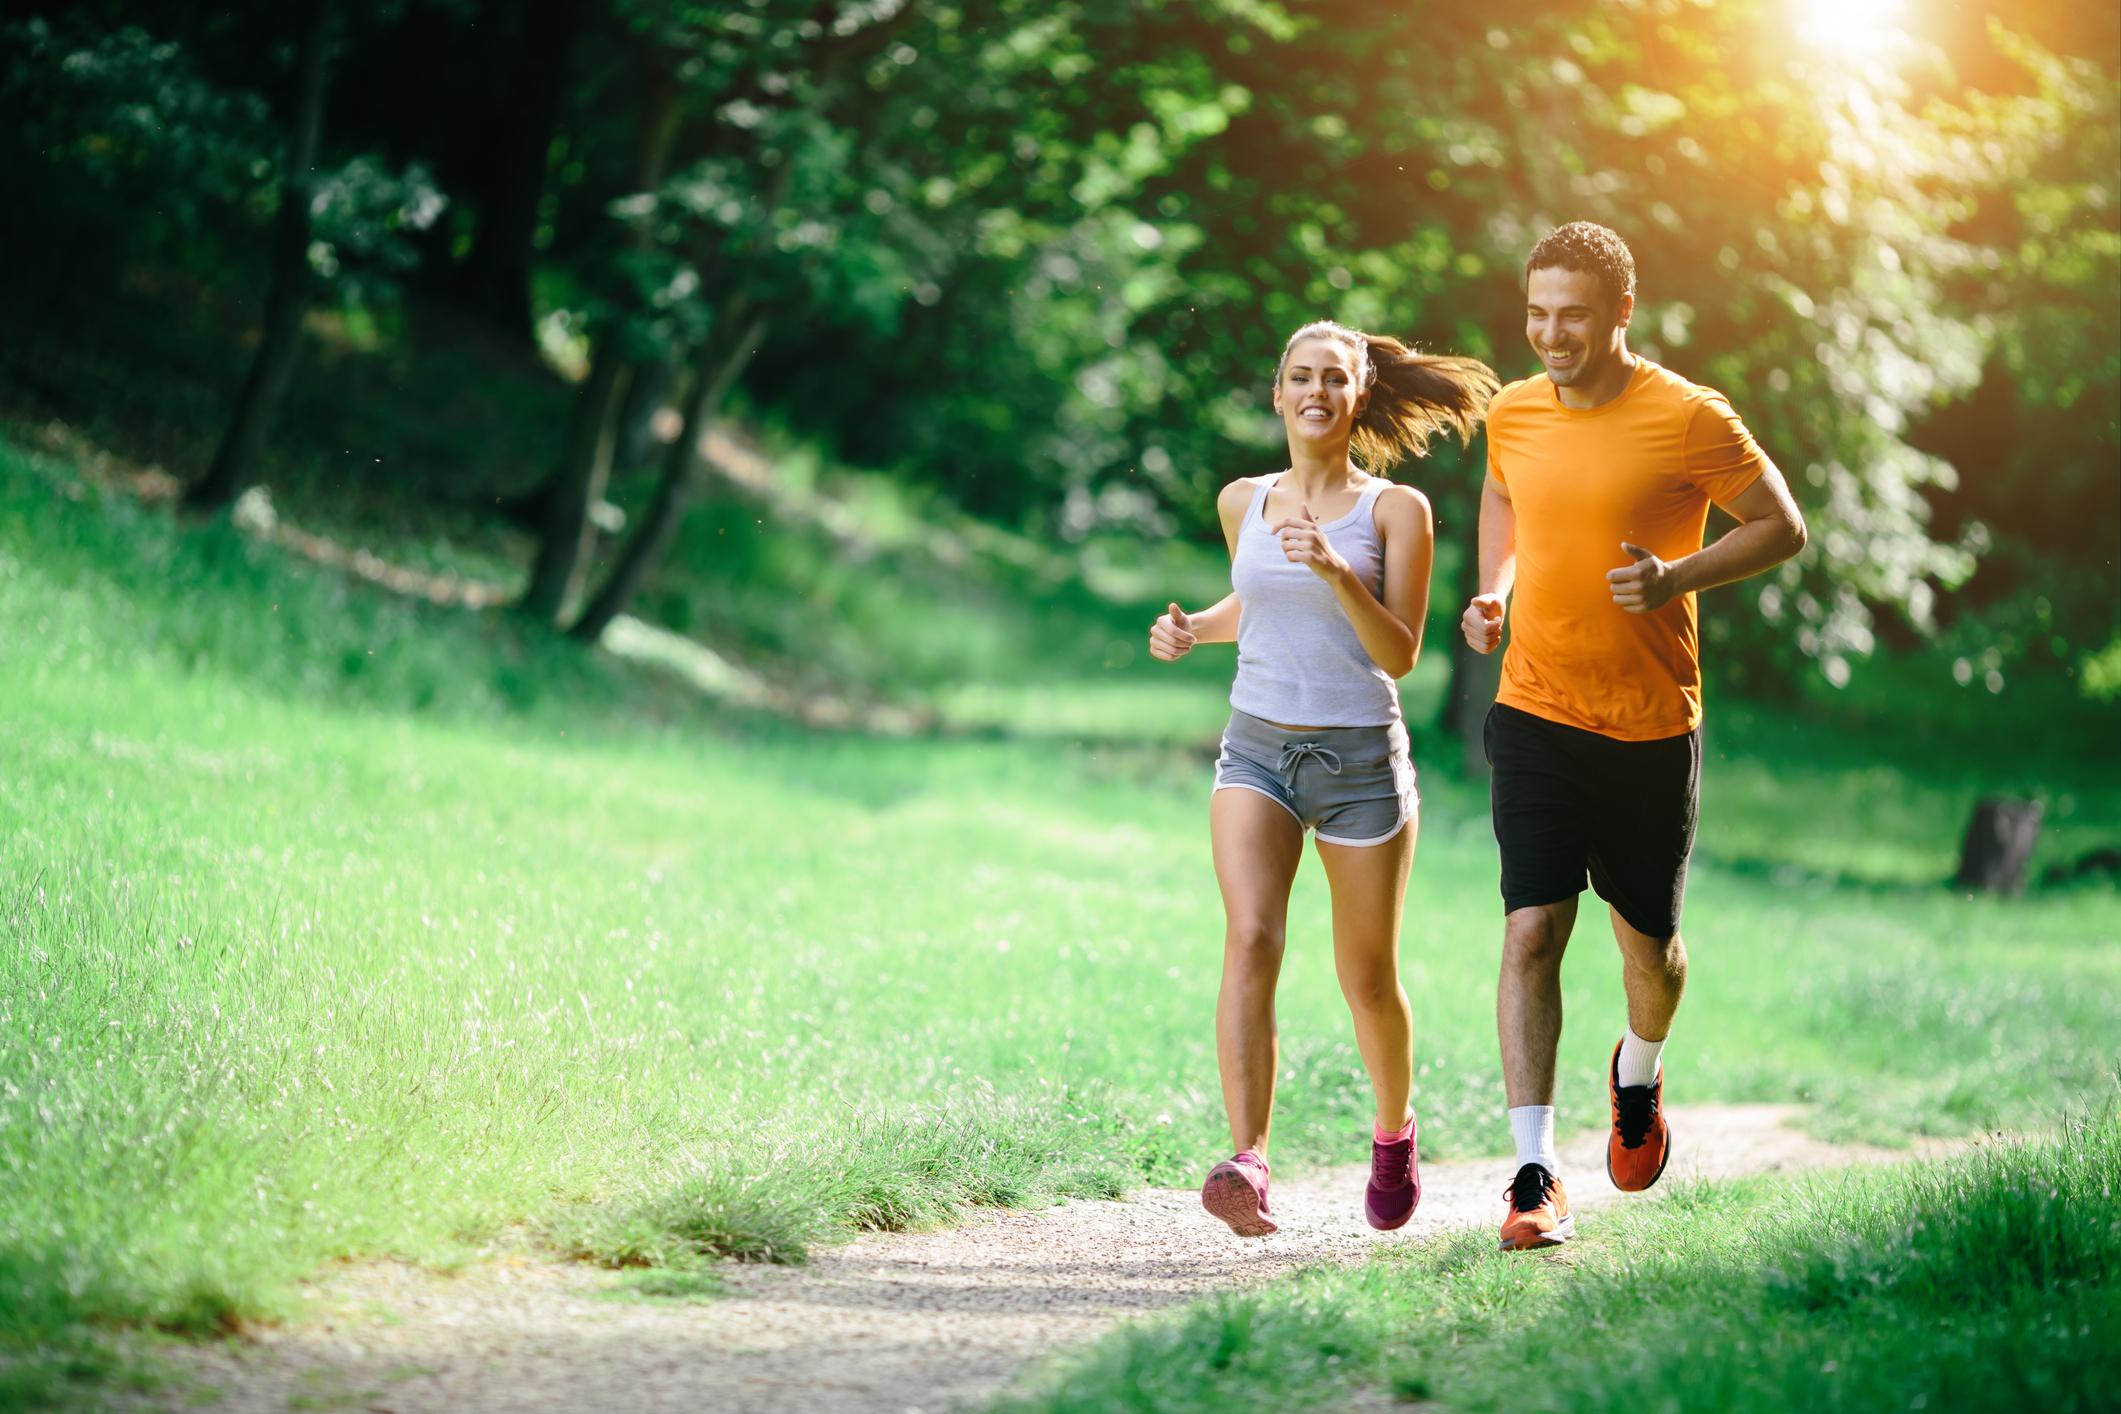 Як правильно бігати підтюпцем, щоб пробіжки допомогли схуднути